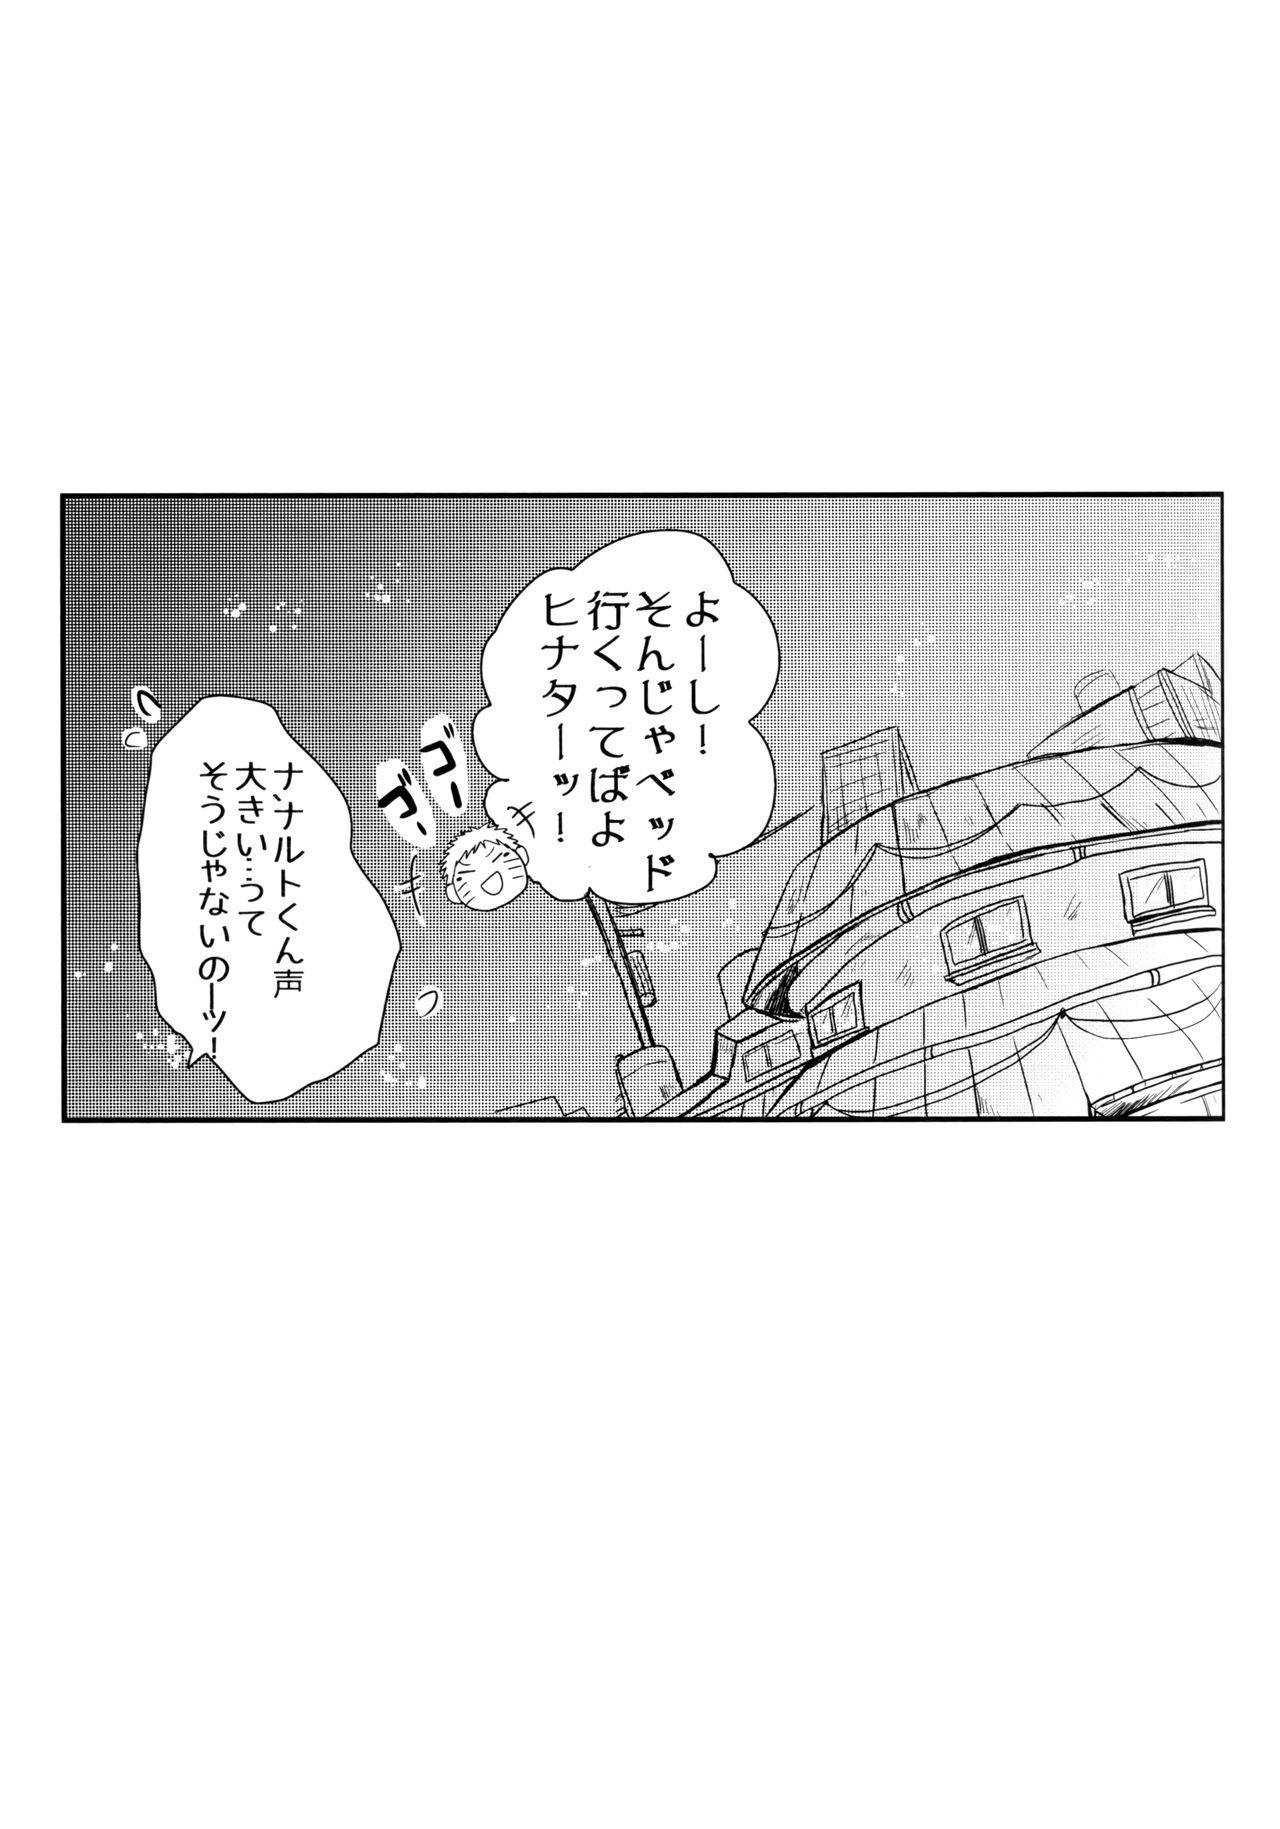 Fuyuiro Memories - Winter Color Memories 271